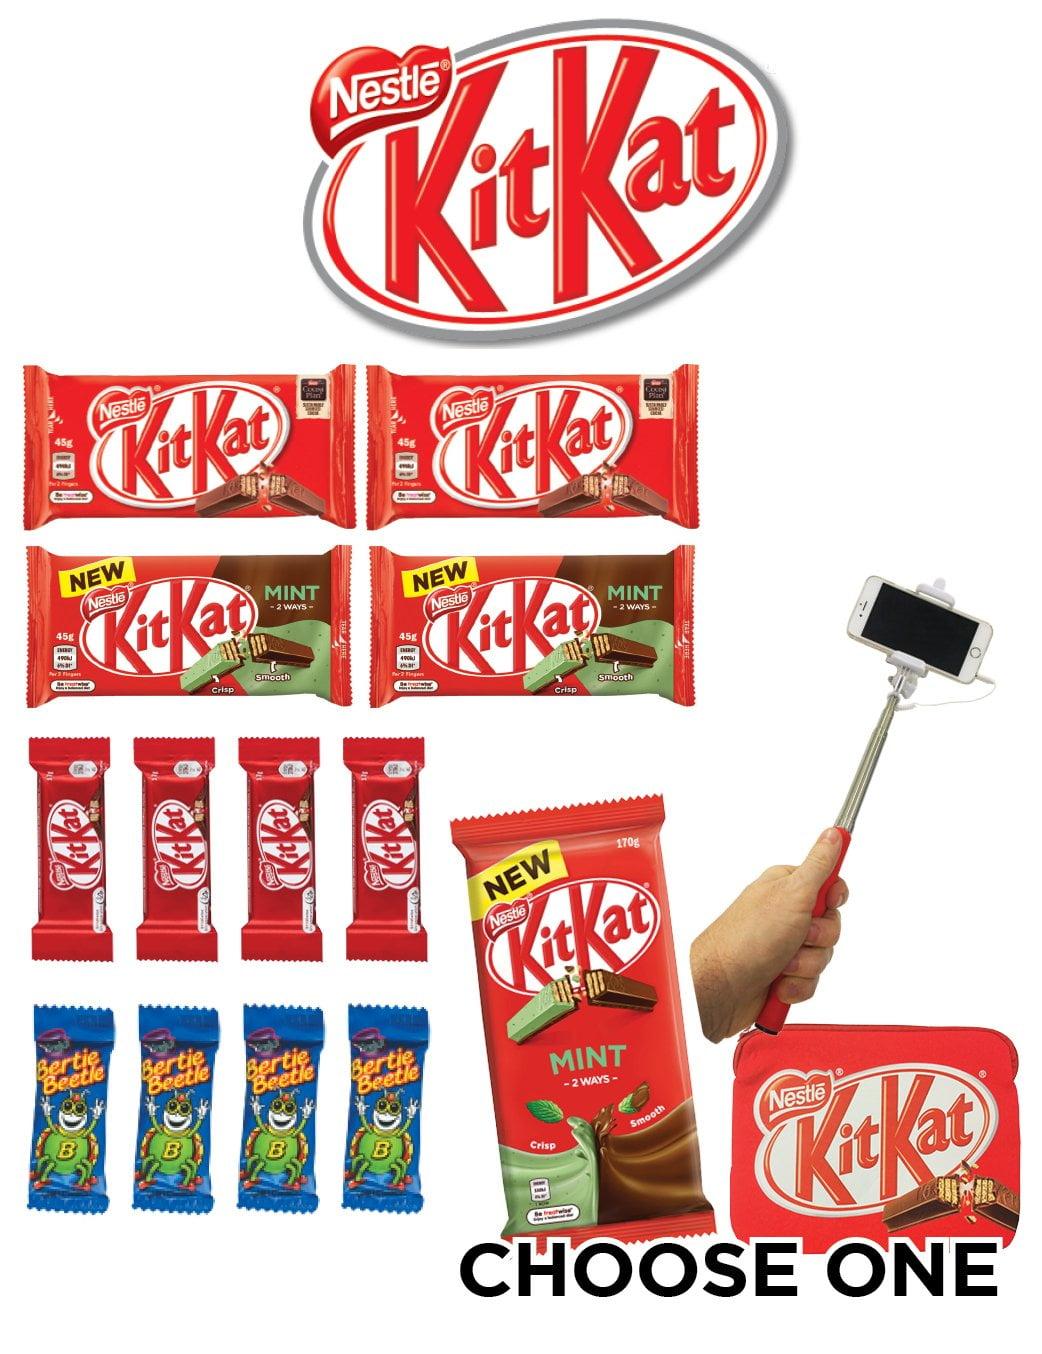 KitKat_Super_Melbourne_Chicane_Website_500x650